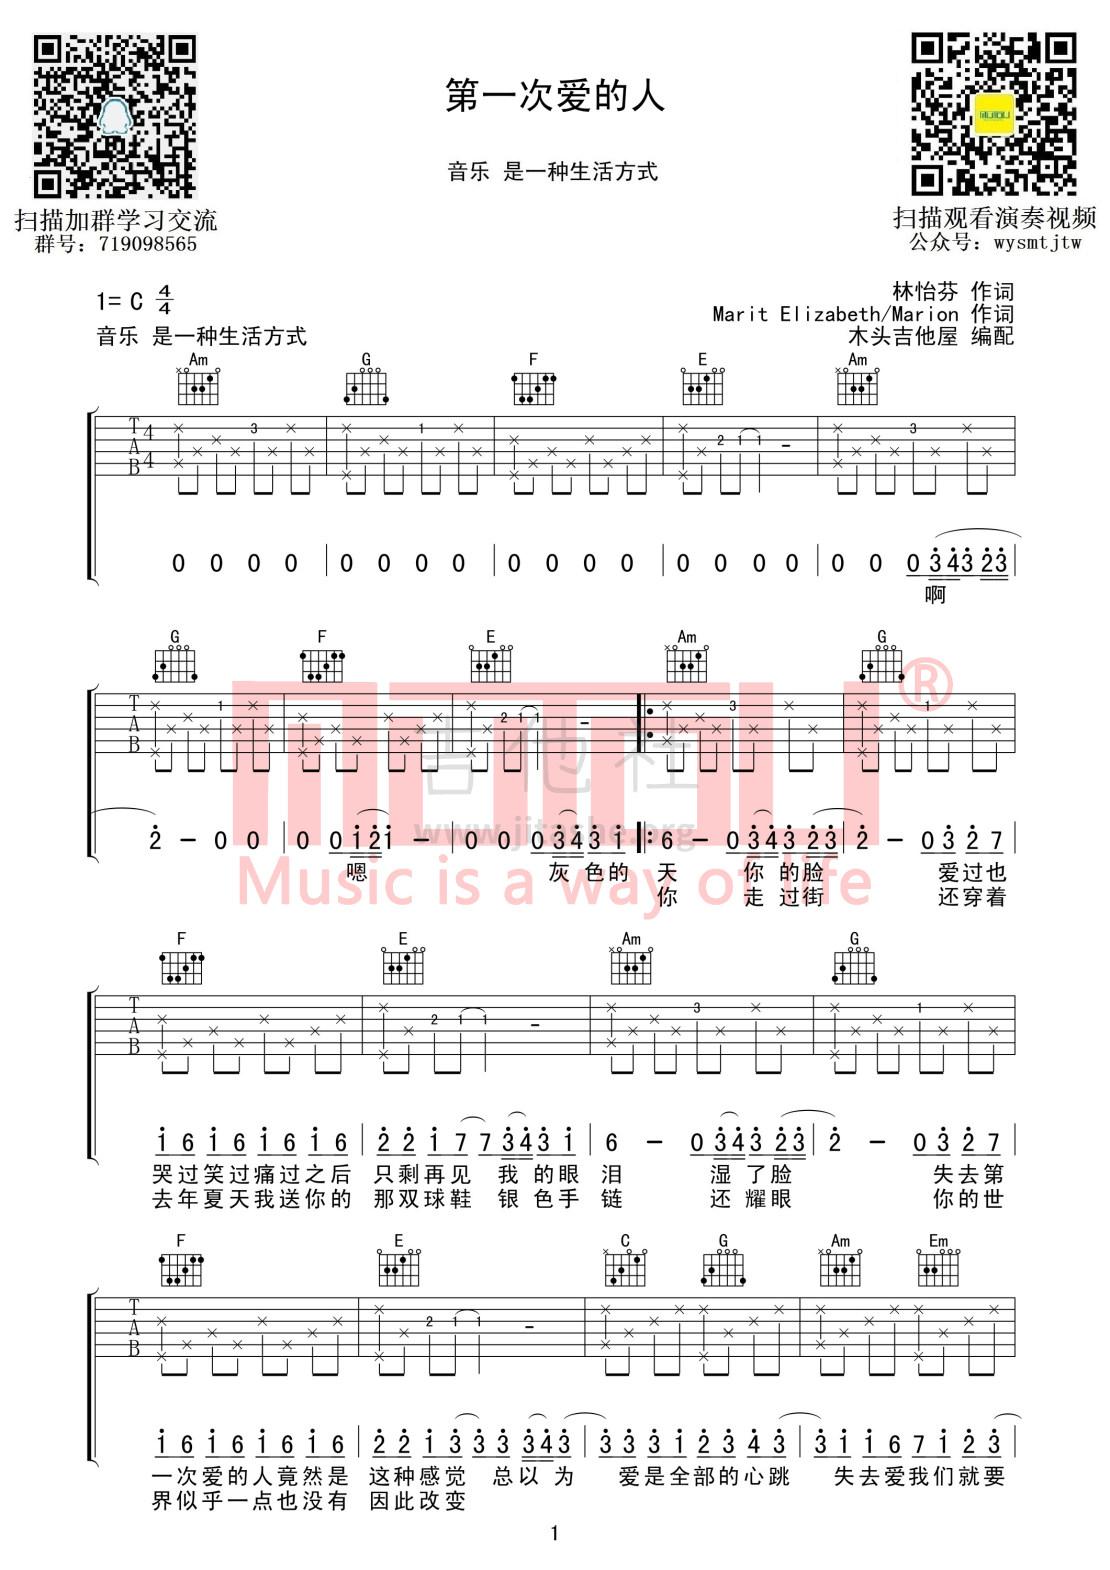 第一次爱的人吉他谱(图片谱,木头吉他屋,弹唱,C调)_王心凌(Cyndi Wang)_第一次爱的人01.jpg